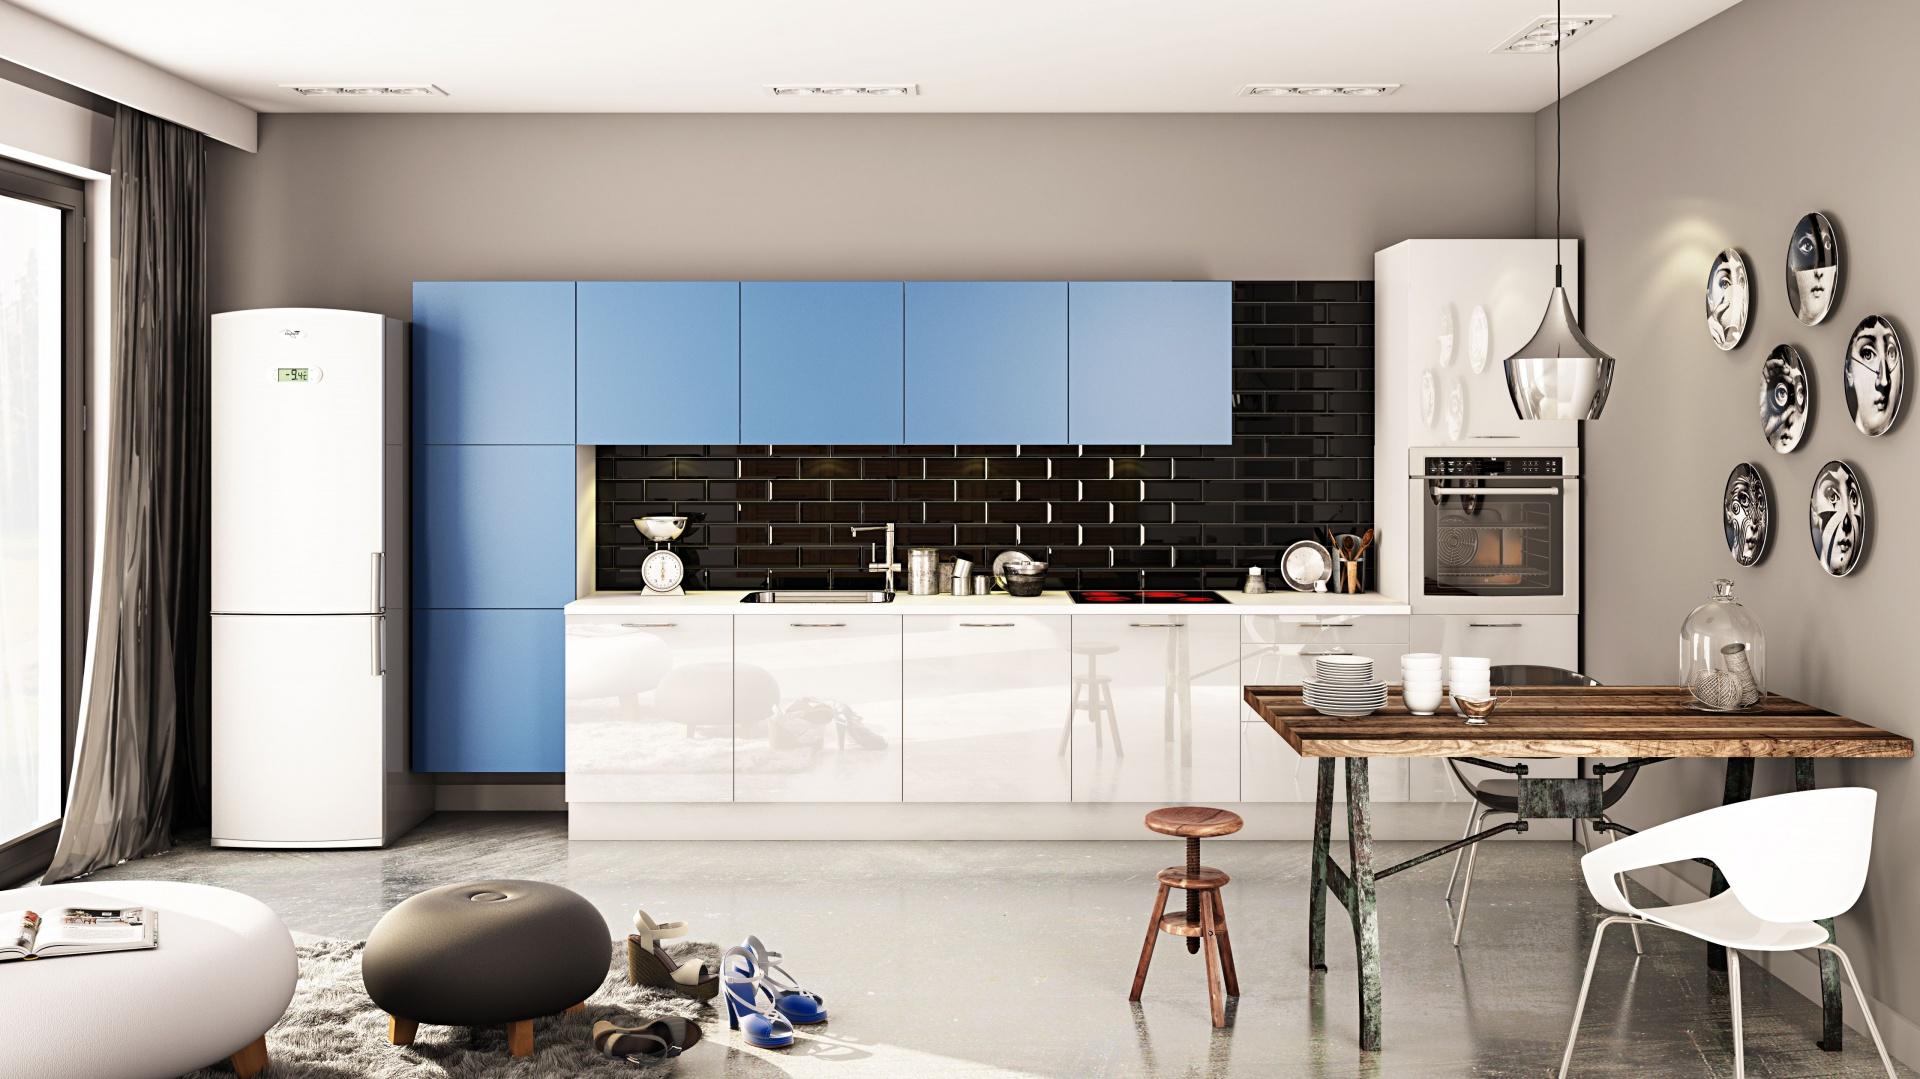 Połączenie różnych kolorów i faktur: białe fronty mebli kuchennych wykończono na wysoki połysk, z kolei dwa prostopadłe rzędy szafek są niebieski i matowe. Fot. Meolke.